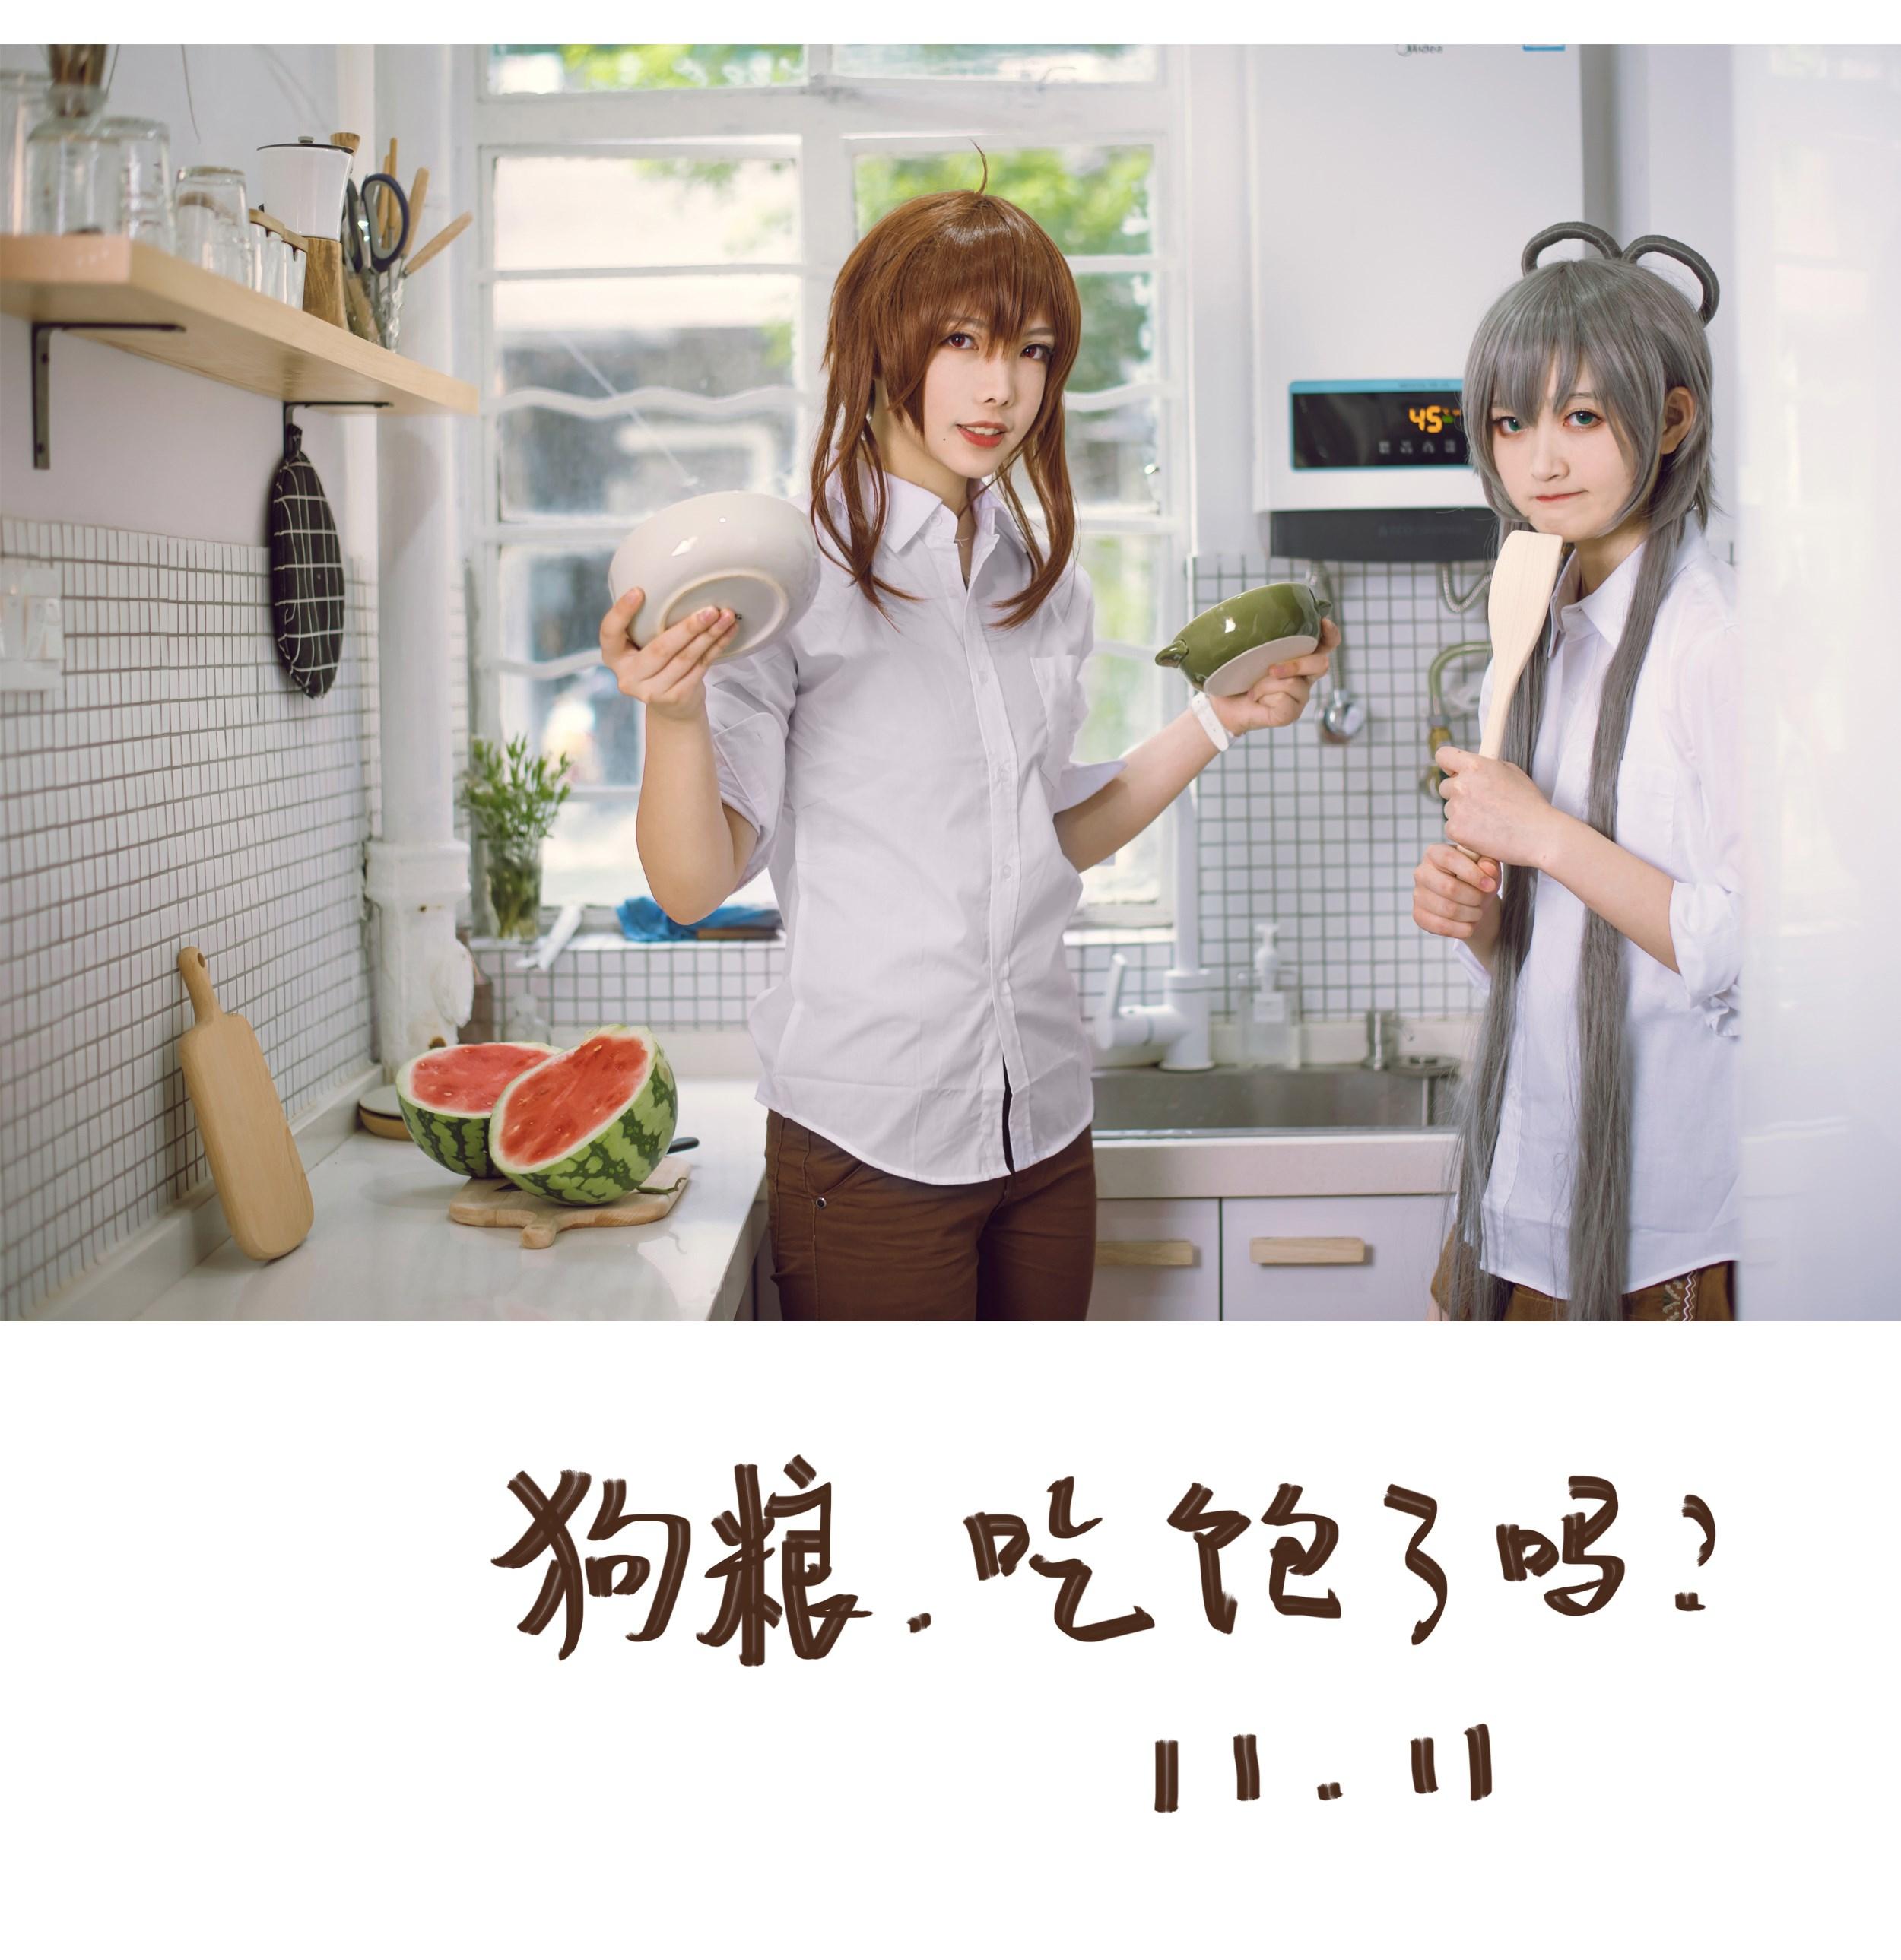 【兔玩映画】vol.03-和小甜甜的日常 兔玩映画 第24张